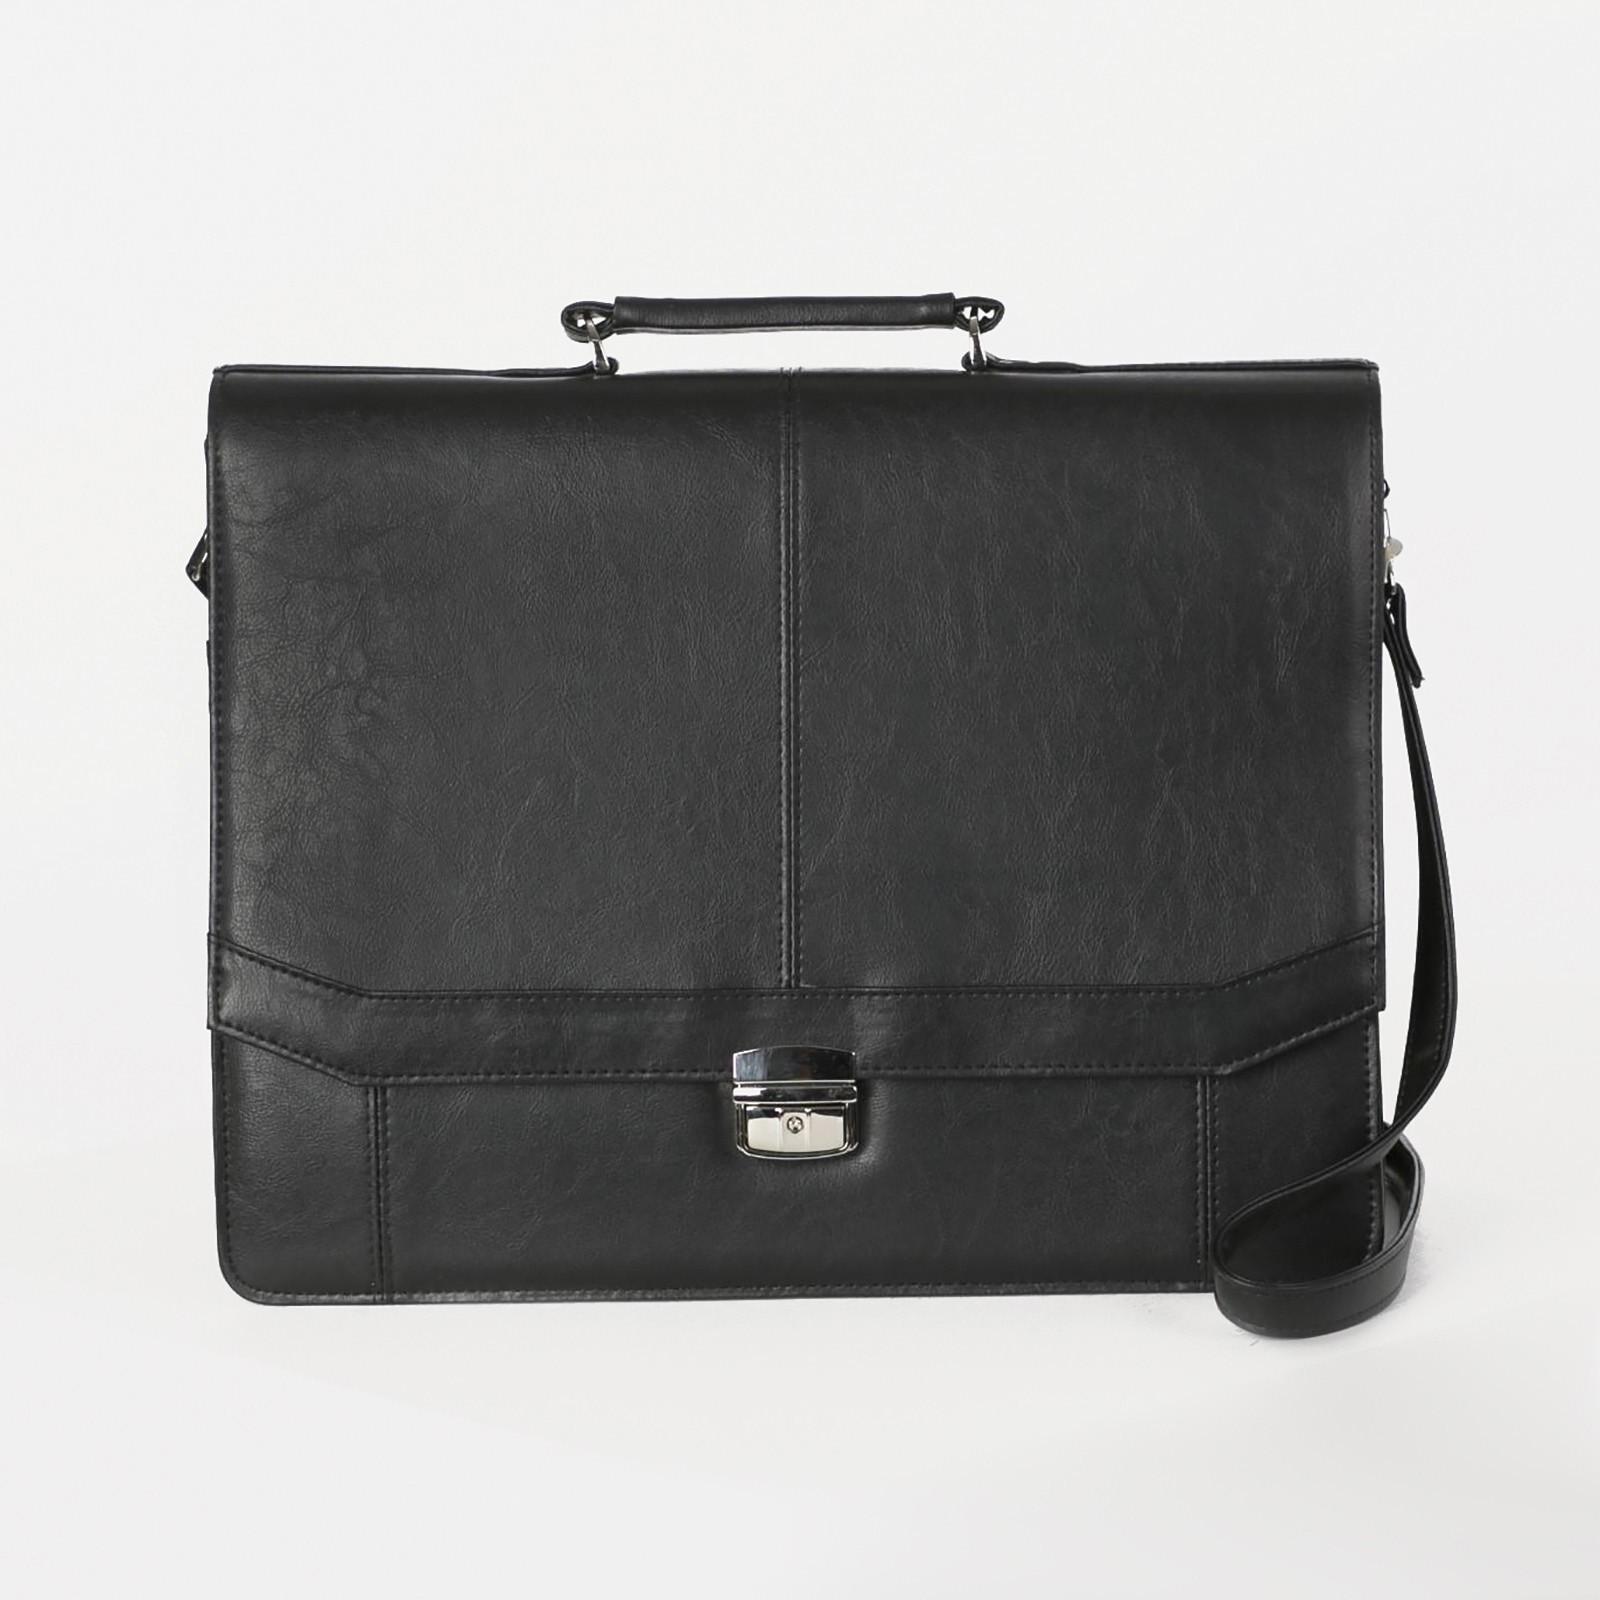 4310dff5d467 Сумка-портфель мужская, 3 отдела на молнии, длинный ремень, цвет чёрный